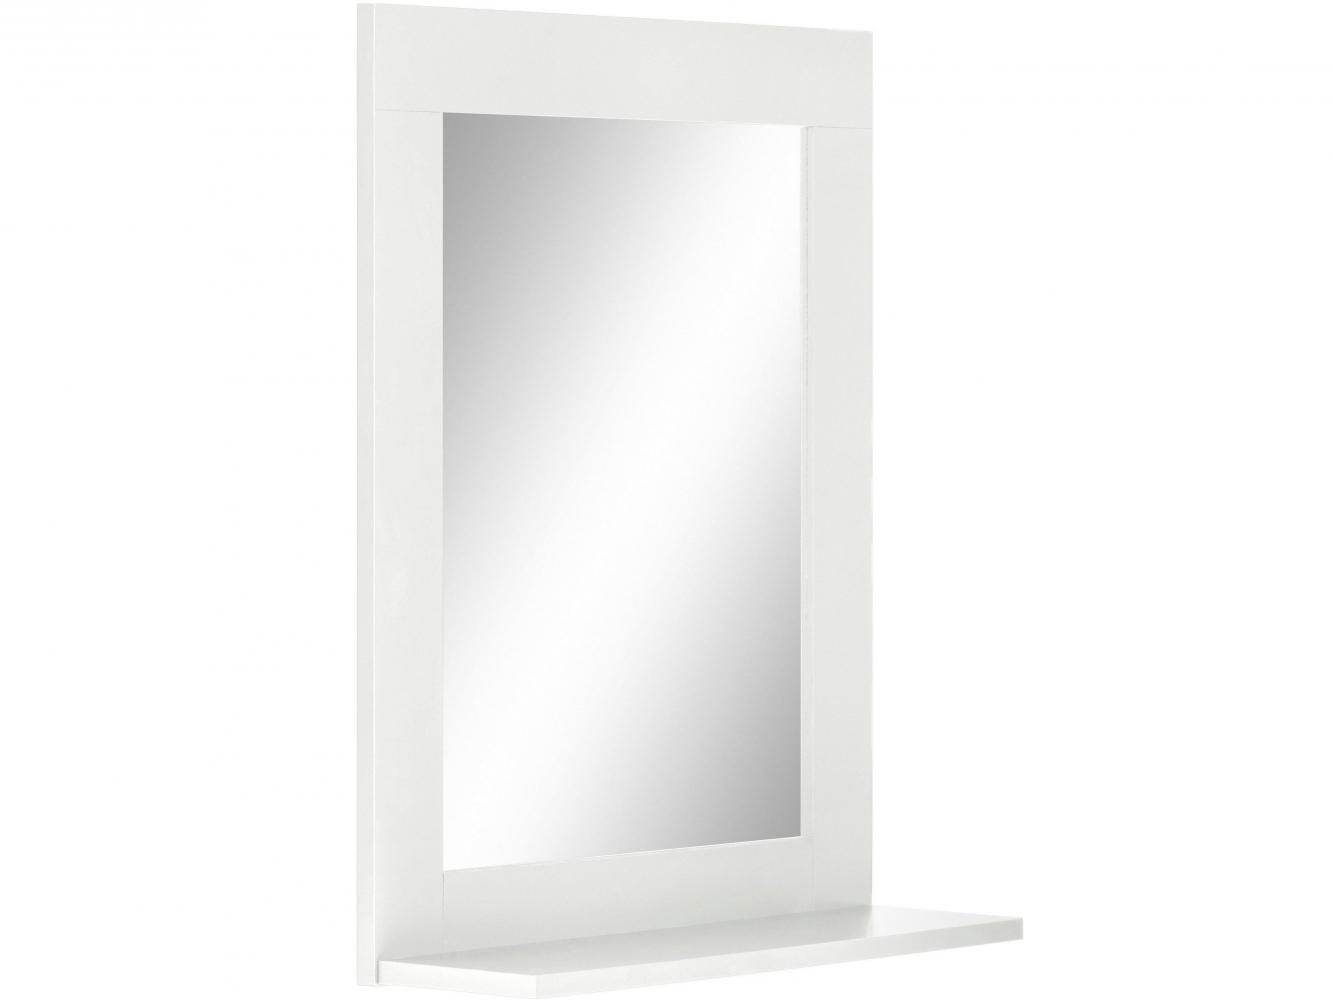 Nástěnné zrcadlo Kiley, 65 cm, bílá